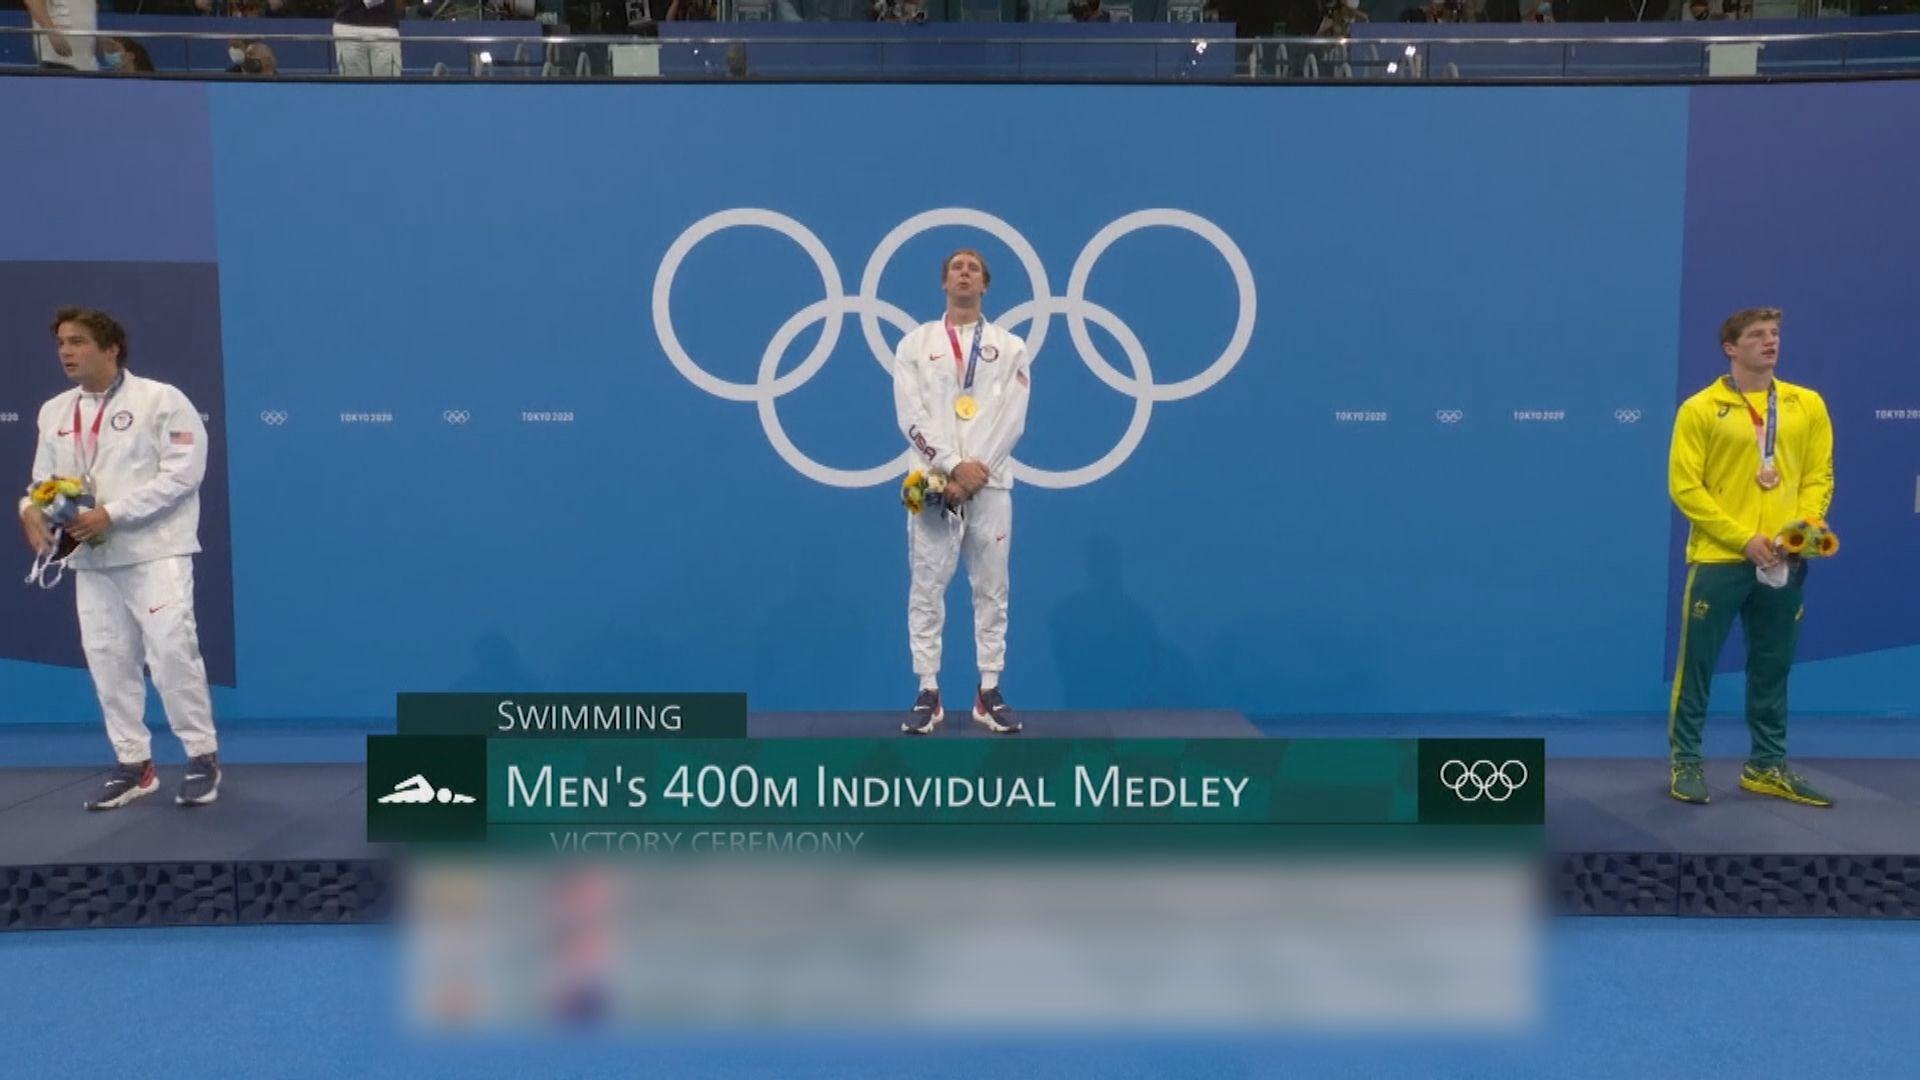 國際奧委會提醒運動員必須戴口罩